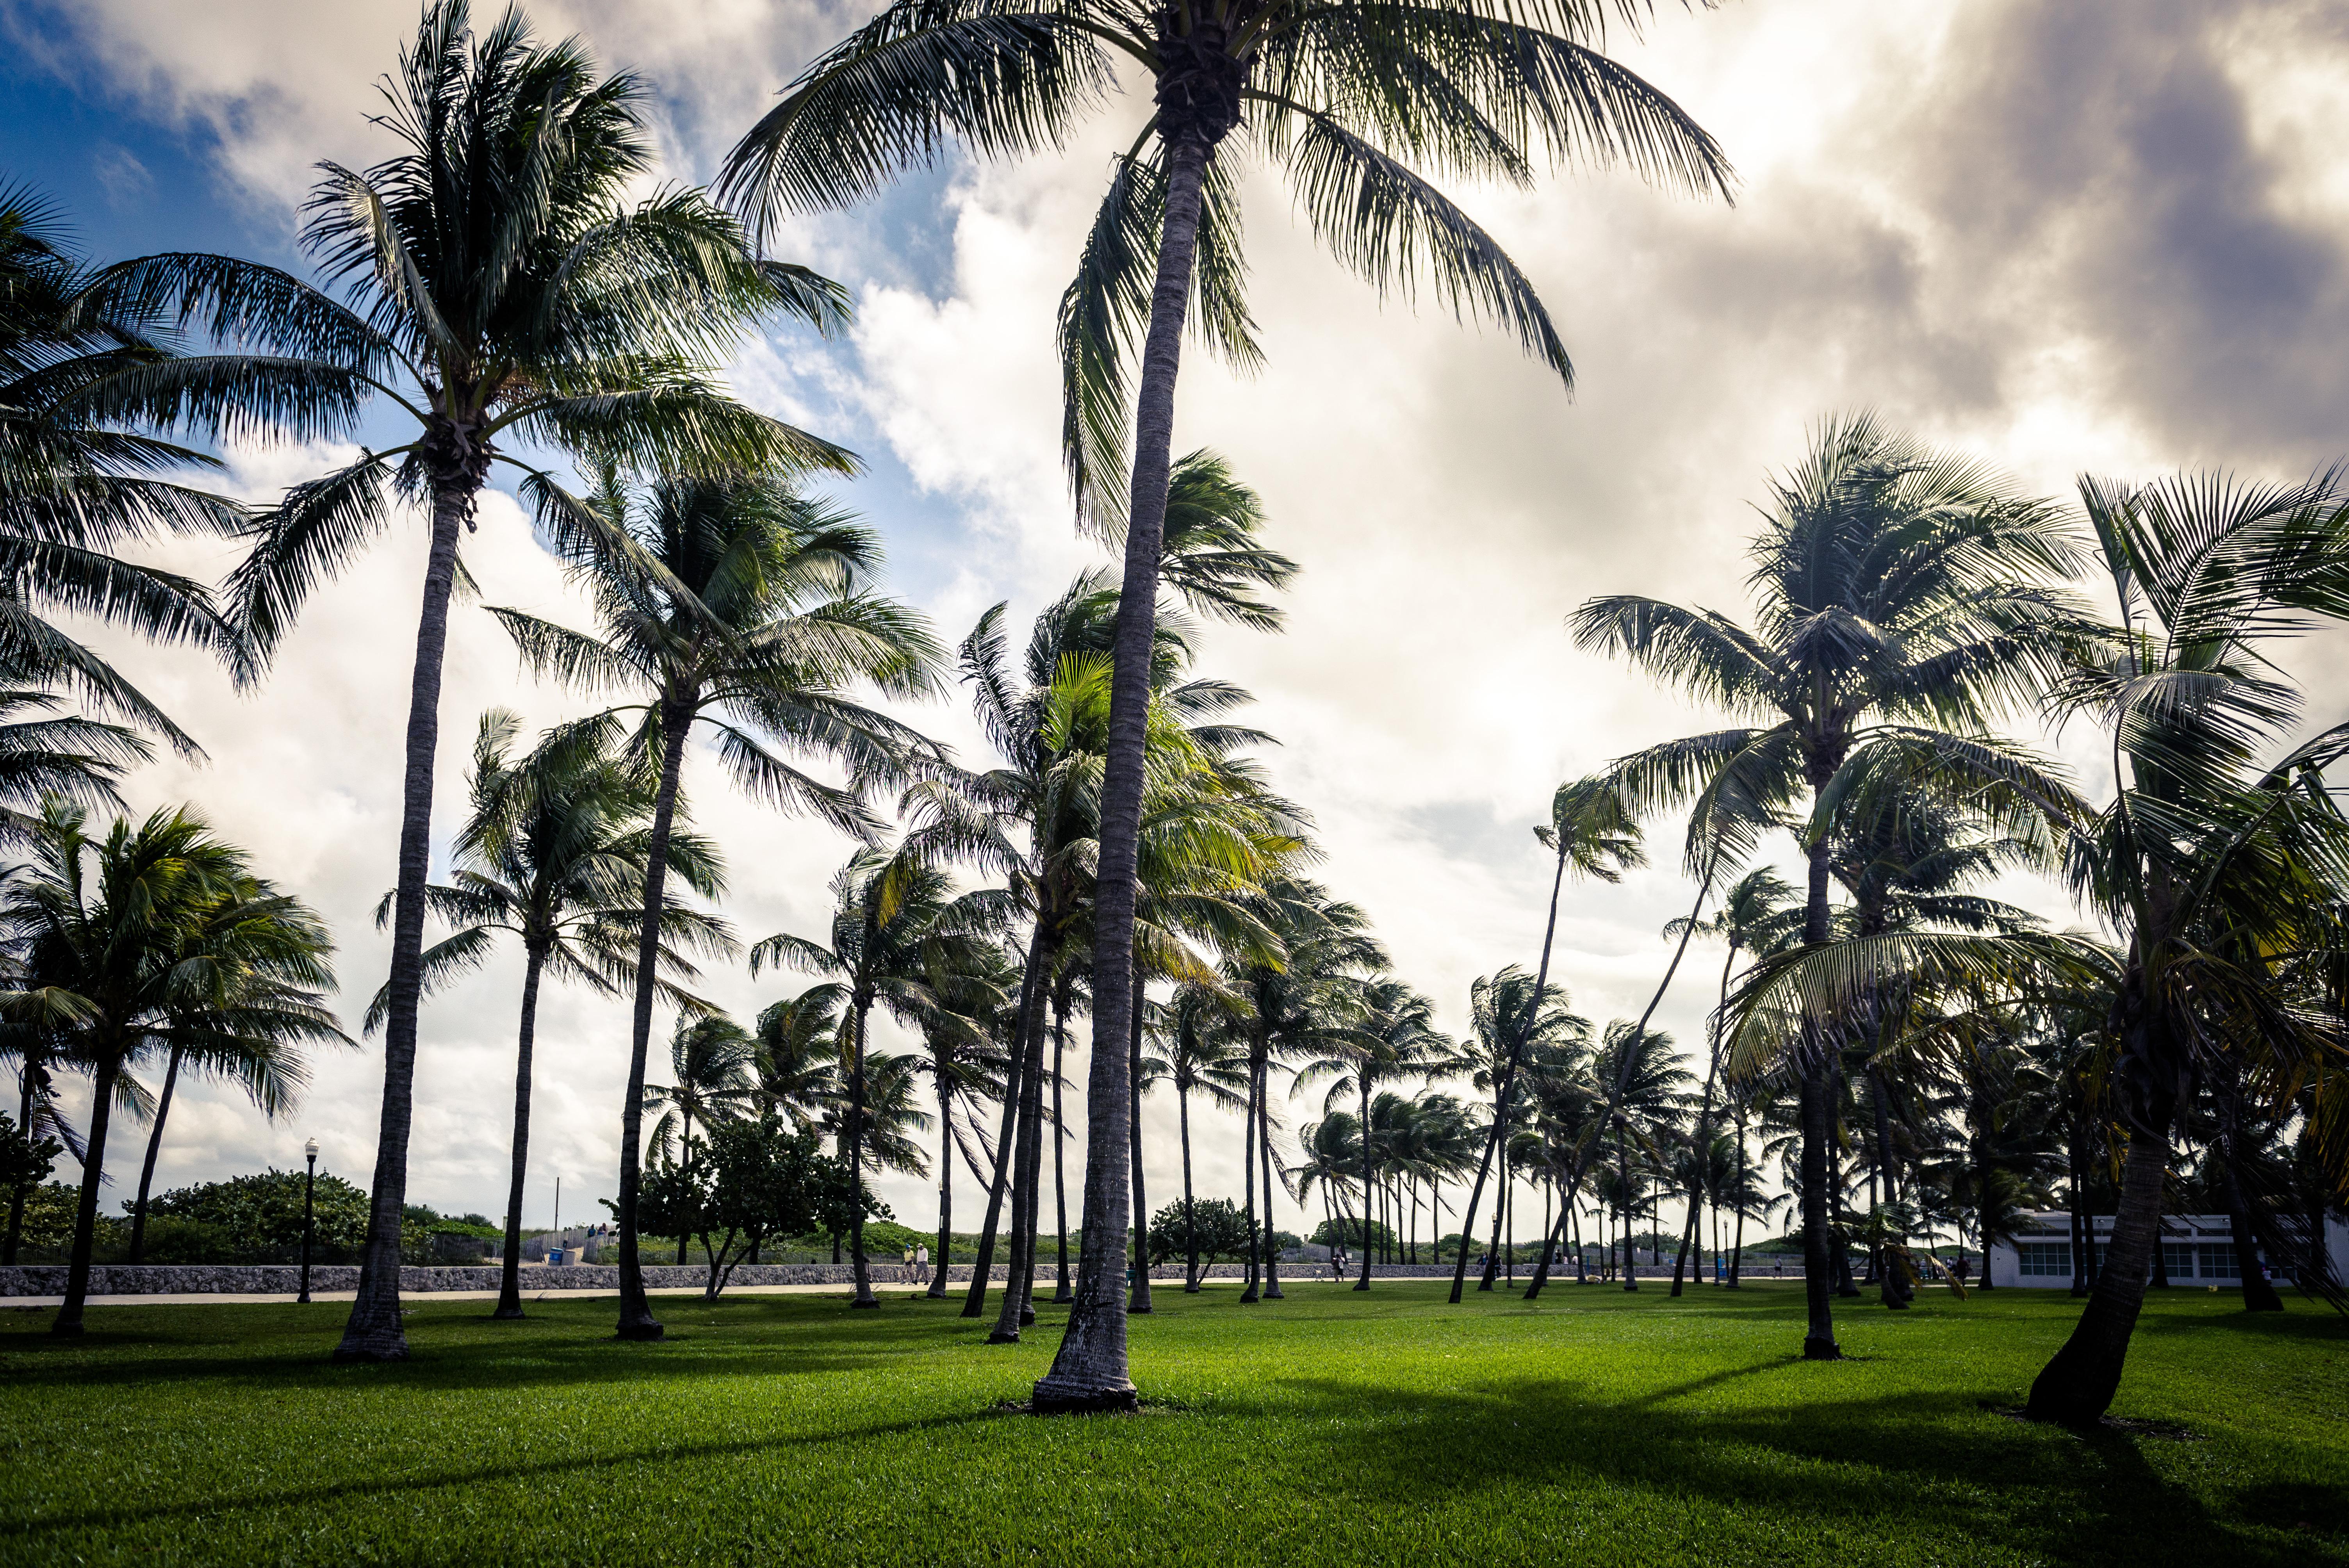 Art deco palm miami beach florida usa sky cloud grass park 6016x4016